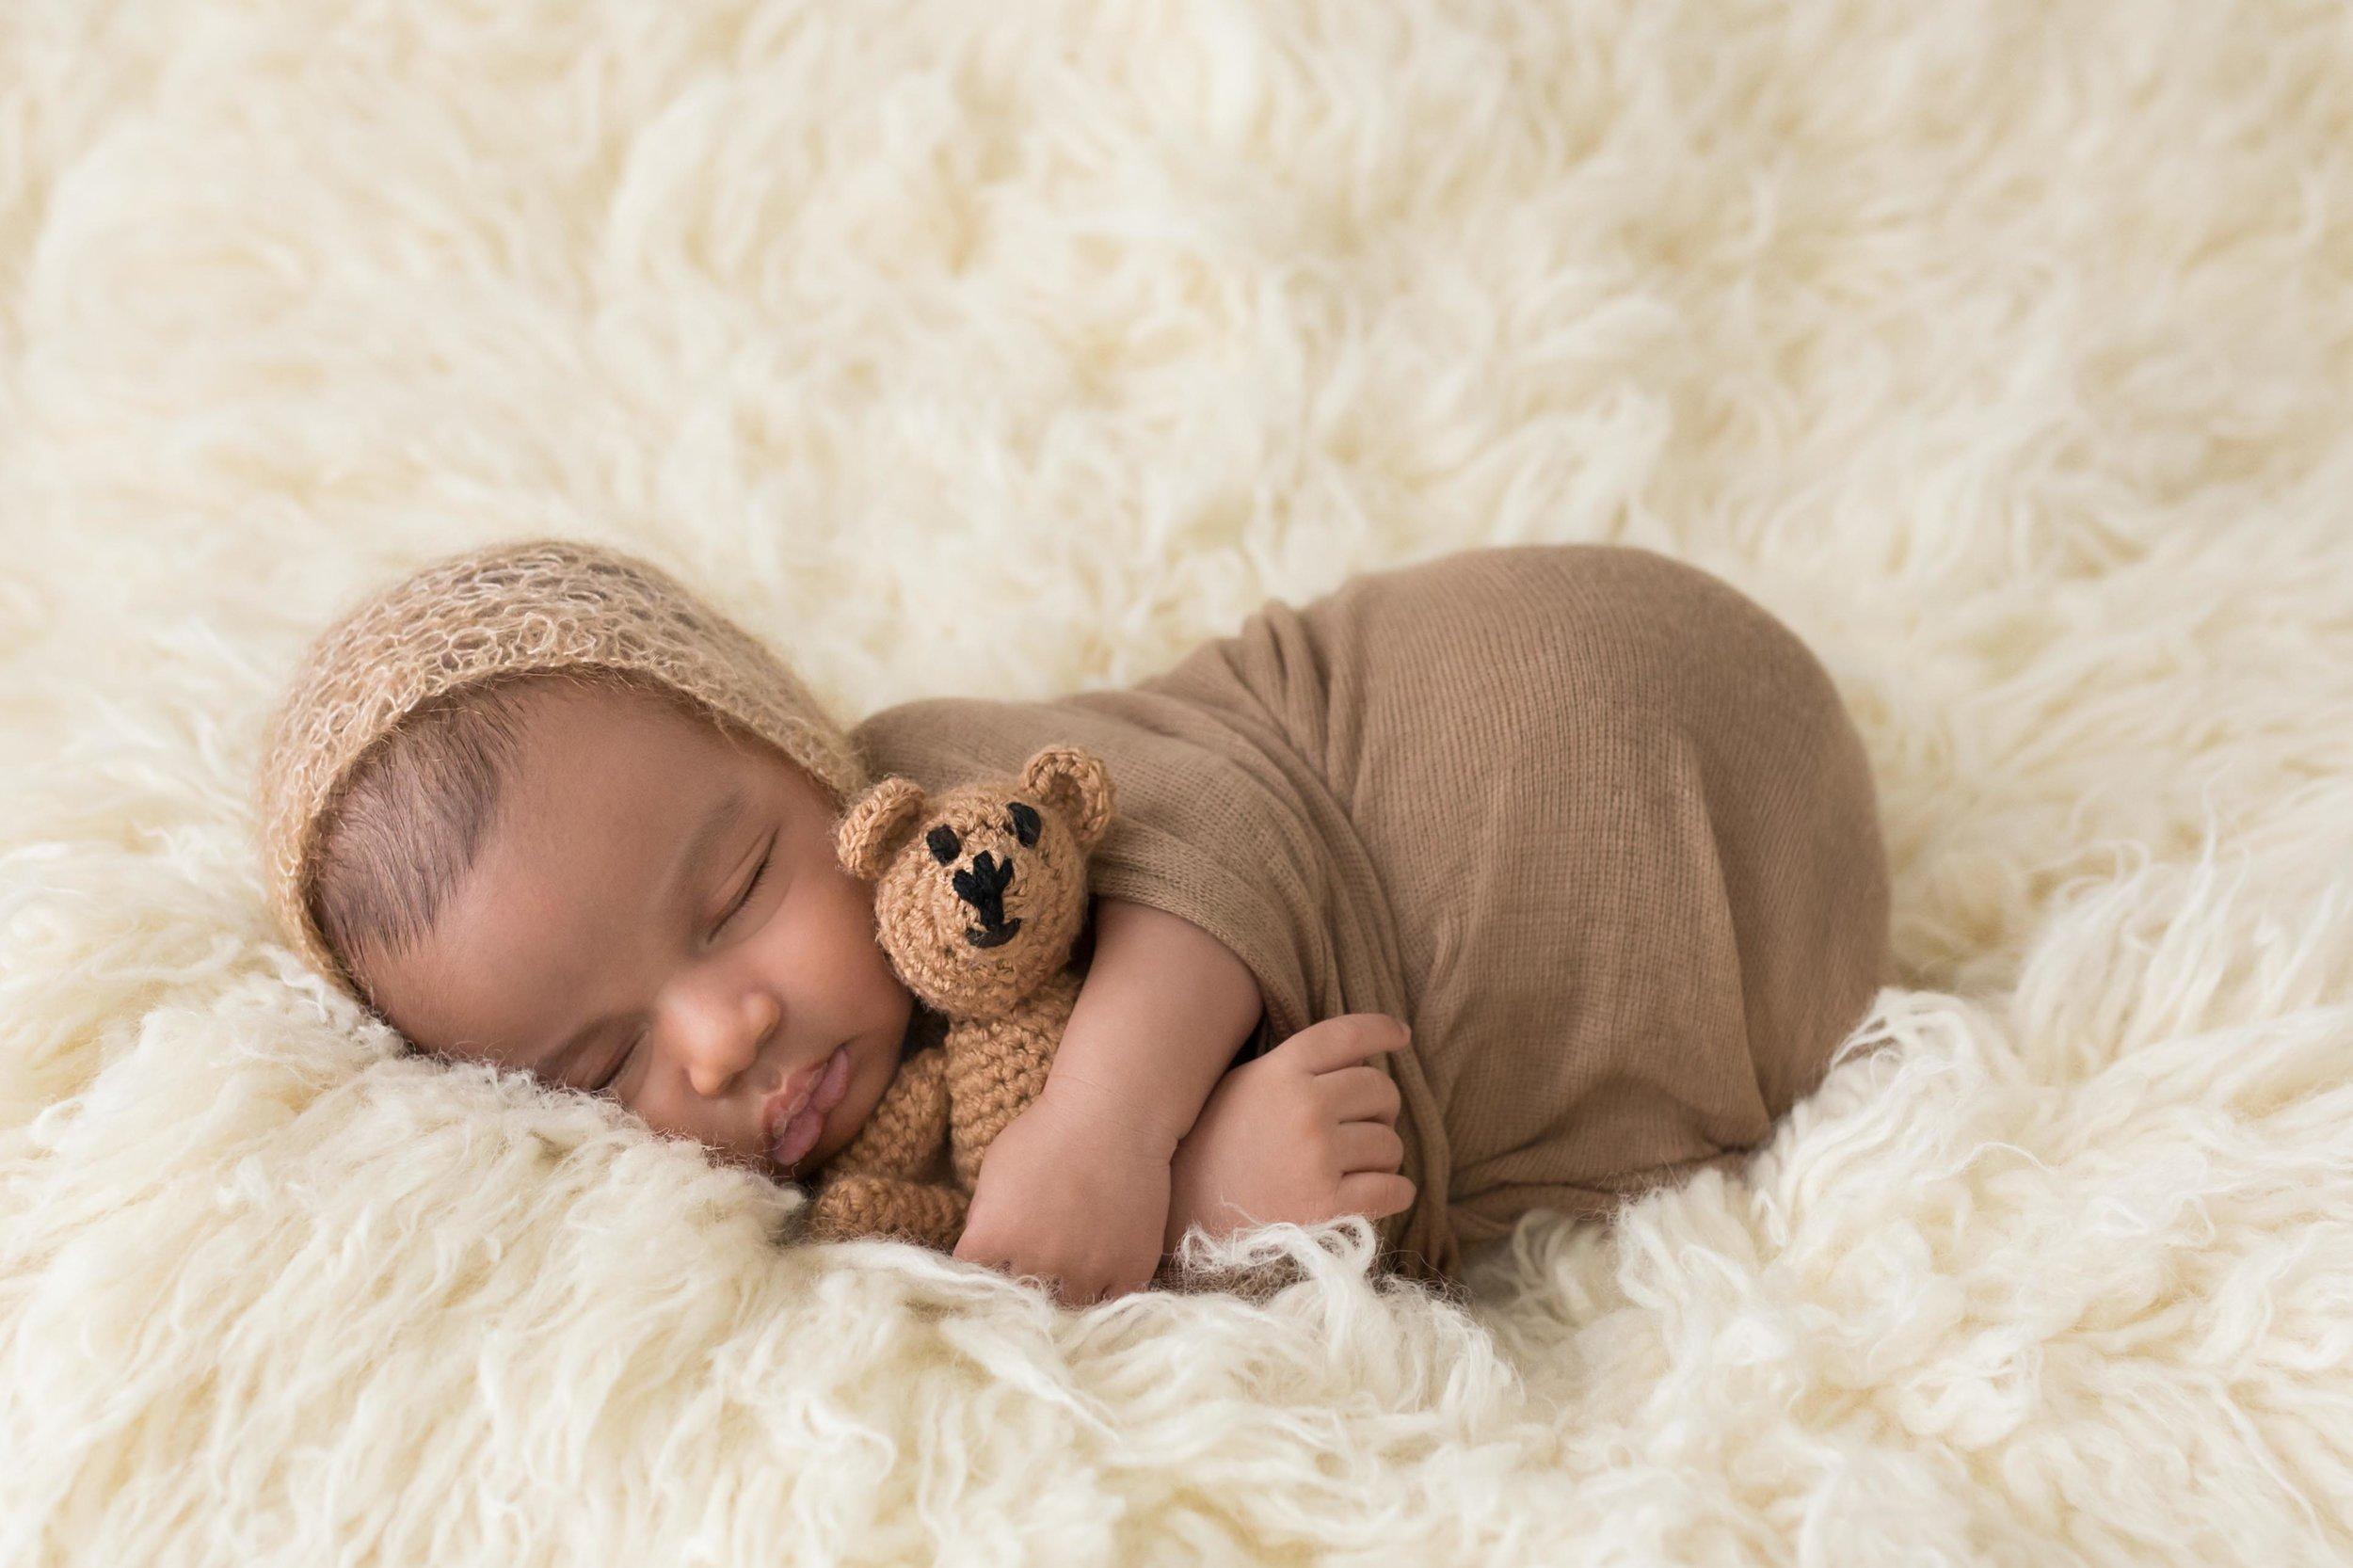 3 week old baby boy with teddie